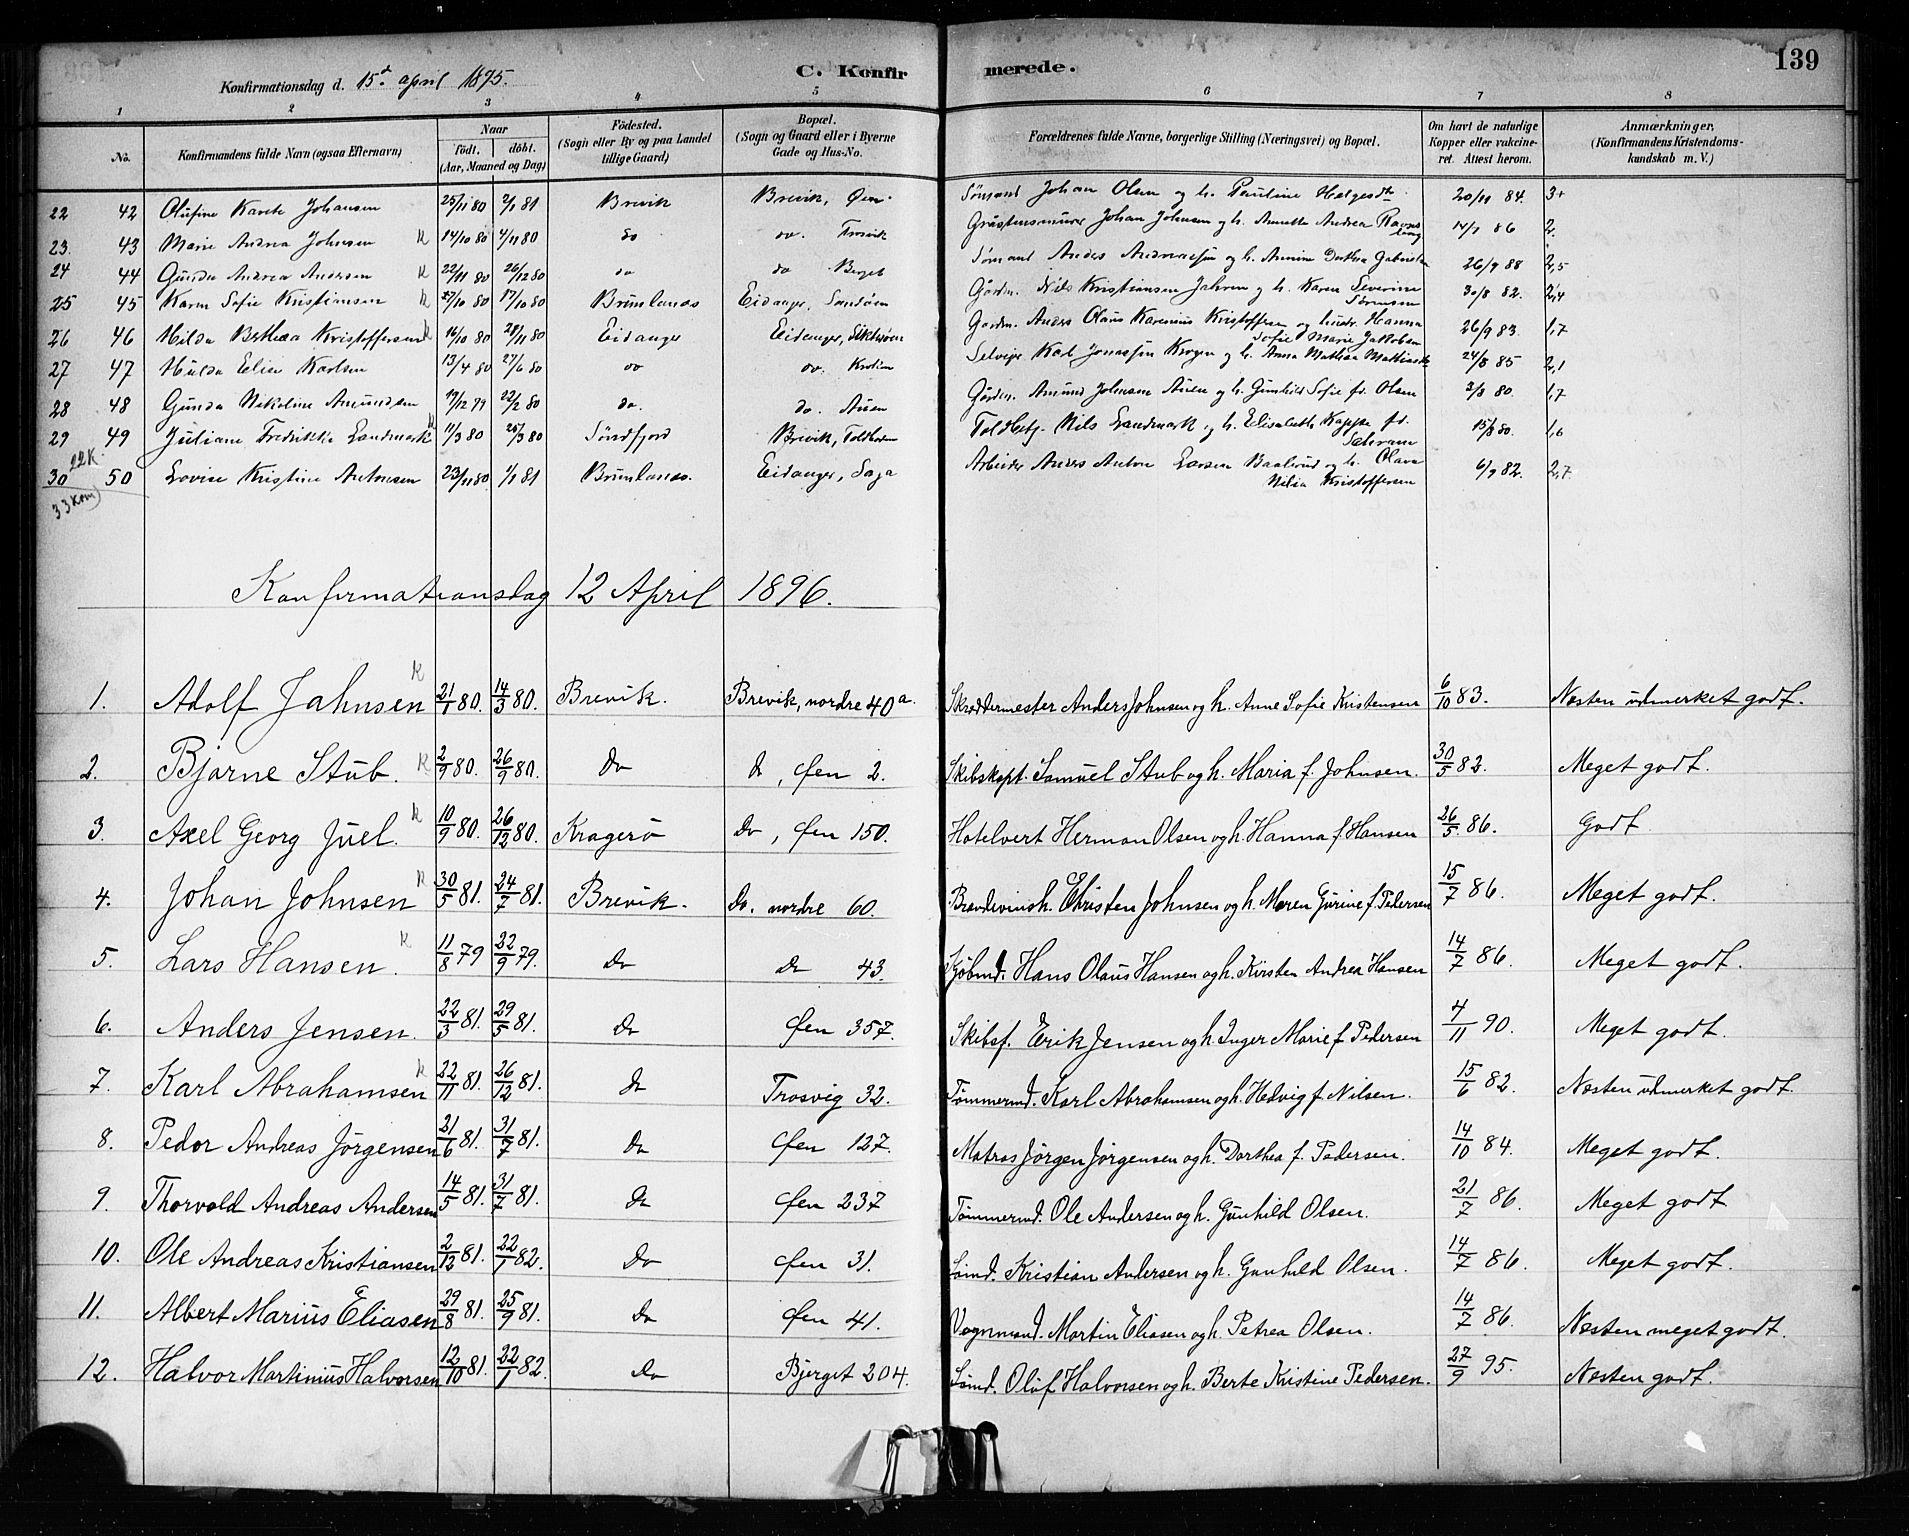 SAKO, Brevik kirkebøker, F/Fa/L0007: Ministerialbok nr. 7, 1882-1900, s. 139